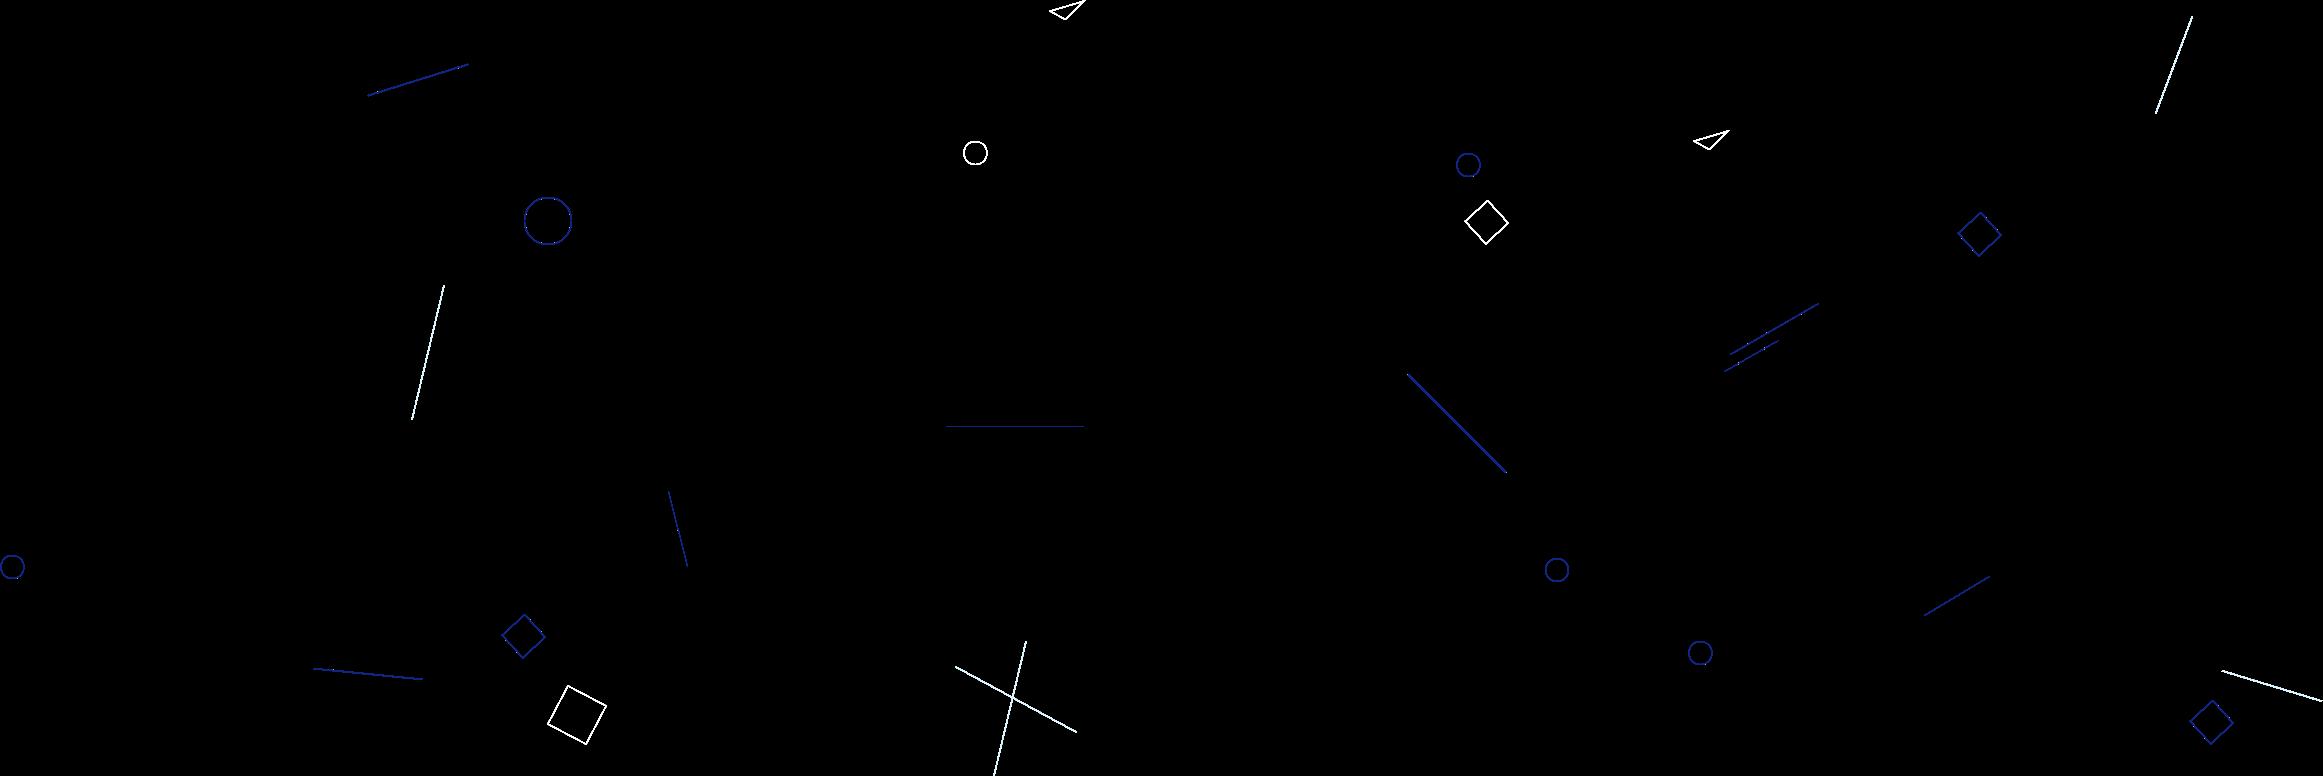 Motive-Hintergrund-Blau